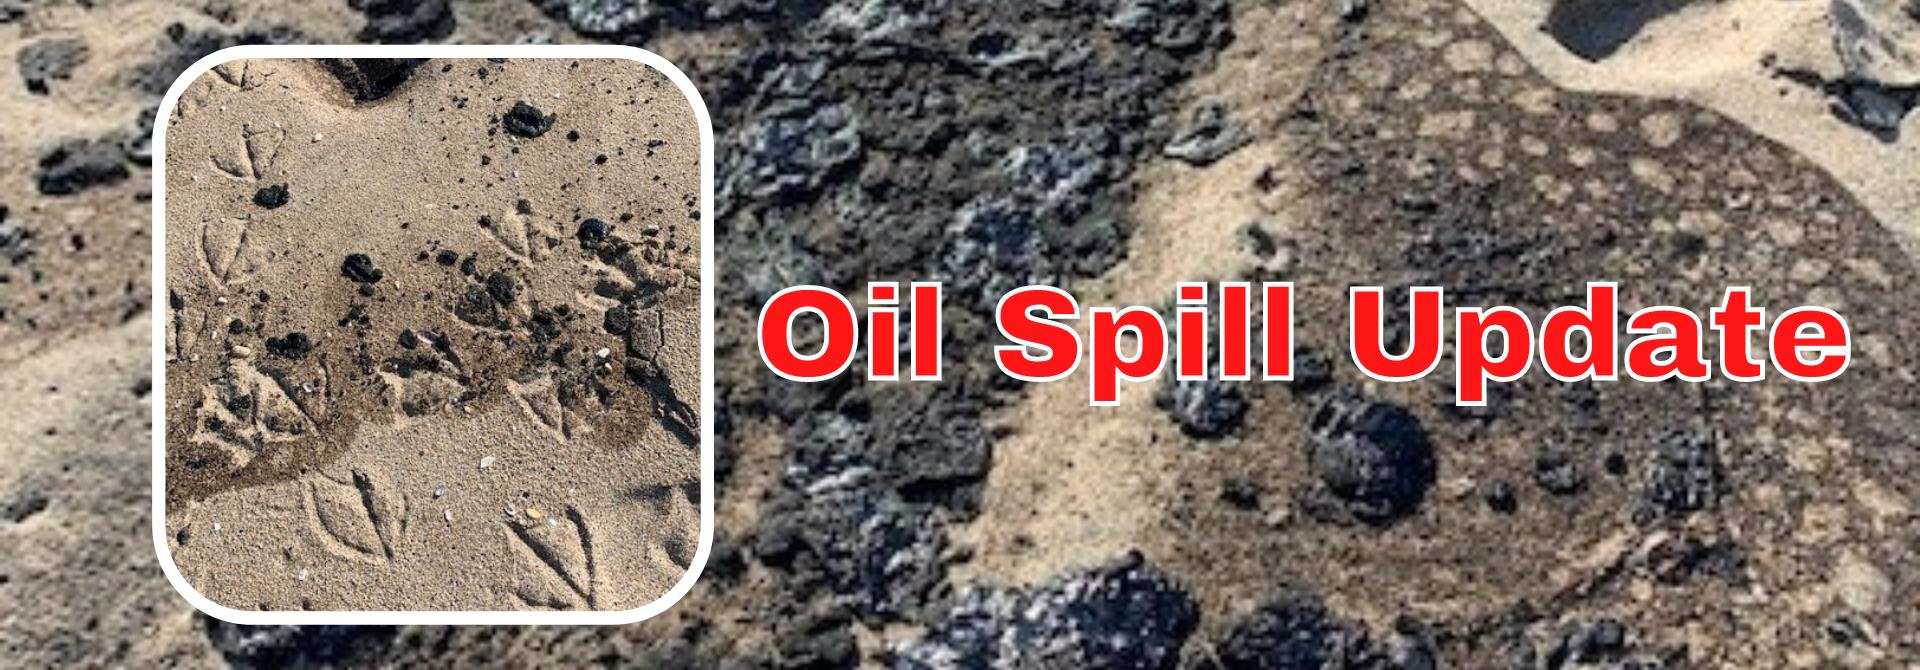 oil spill update